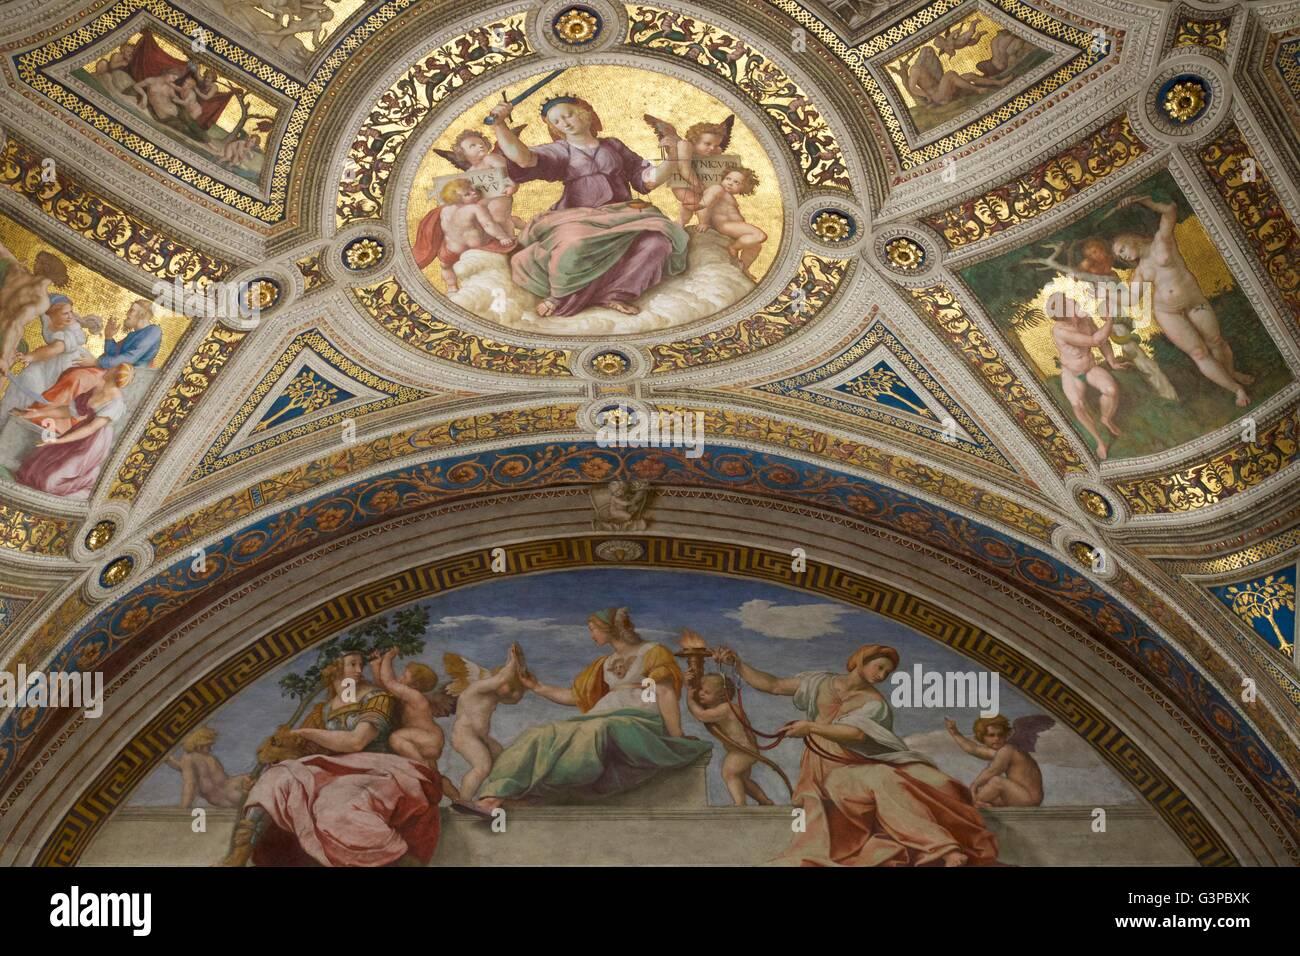 Zimmer die Unterschrift, Stanzen des Raffael, Apostolischen Palast, Vatikanische Museen, Rom, Italien Stockbild